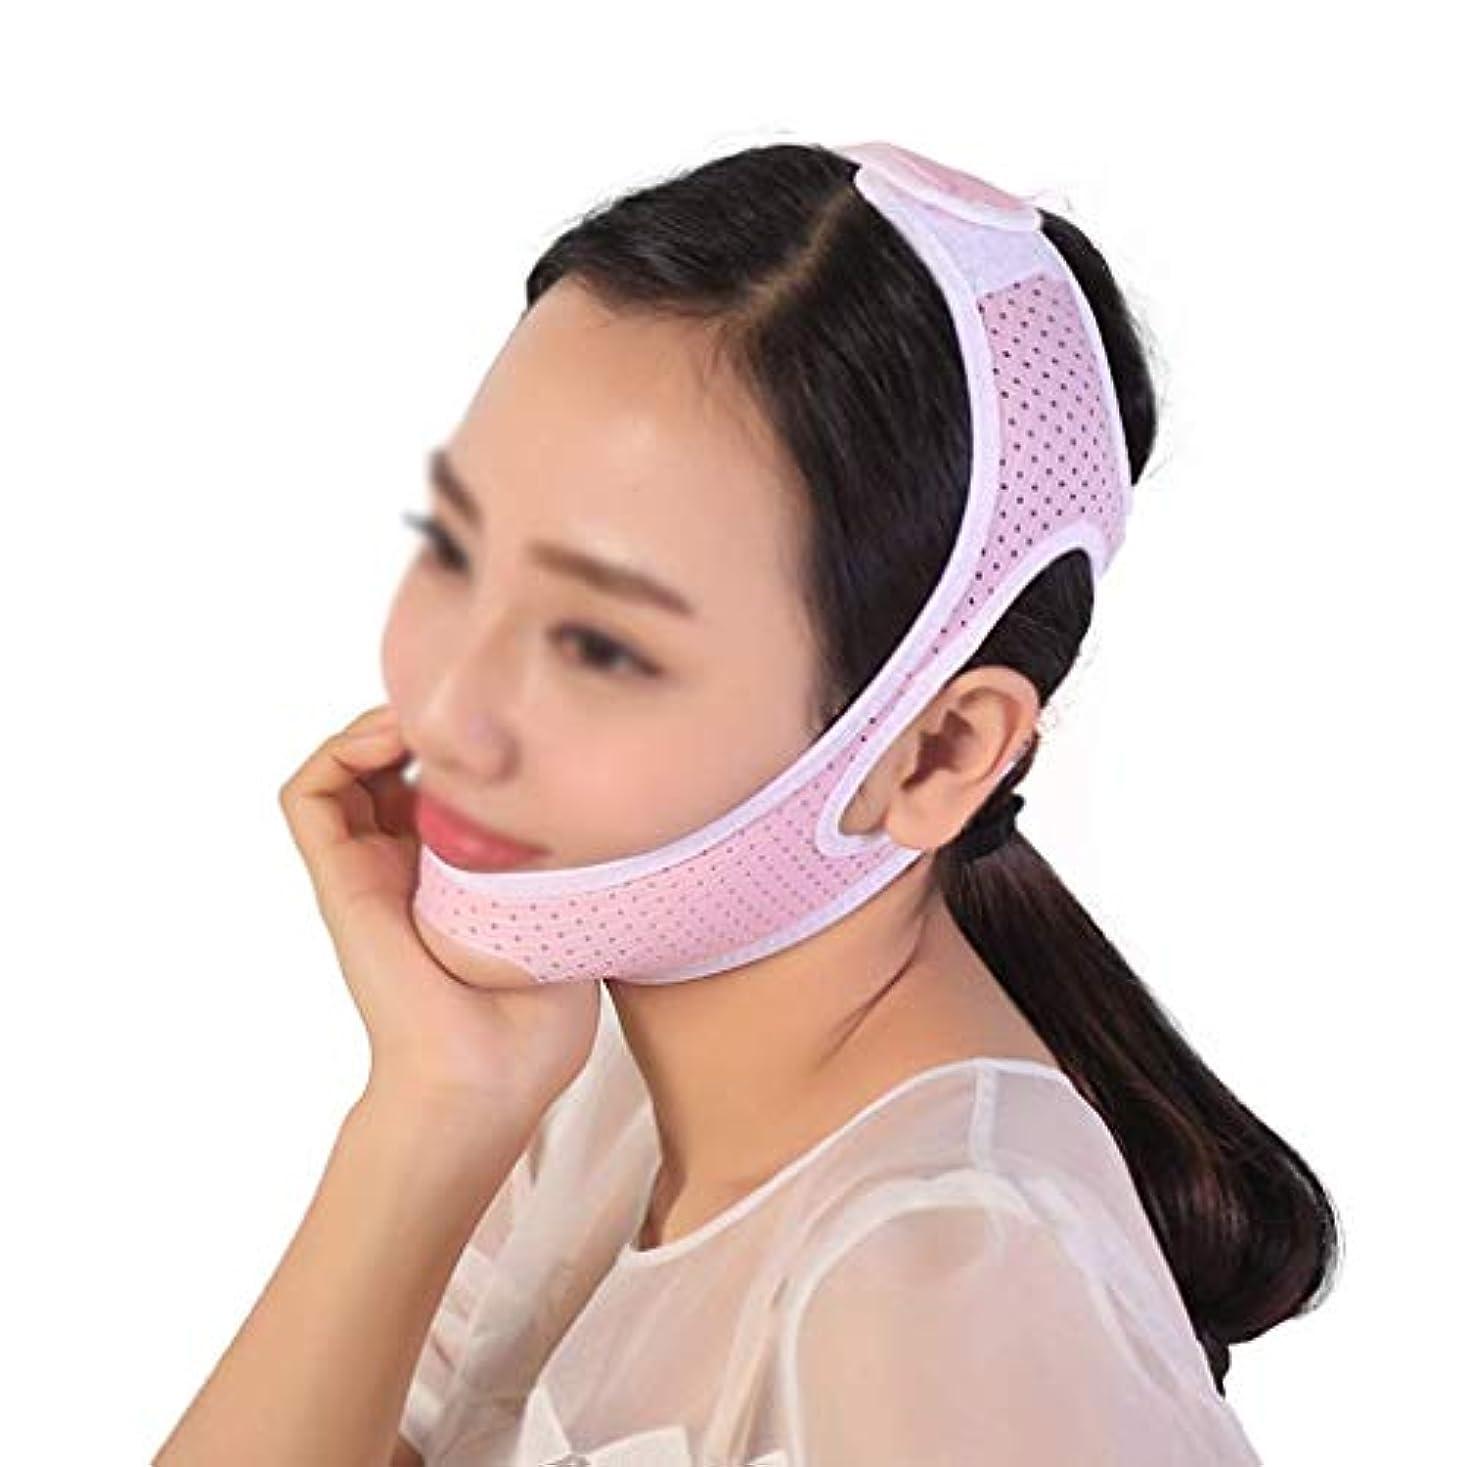 レプリカ忌まわしいヒステリックフェイスリフトマスク、顔の皮膚の首のあごのラインを改善、リフトフェイス、細い頬マスク、細いチンチーク細いV(ピンク)(サイズ:M),L